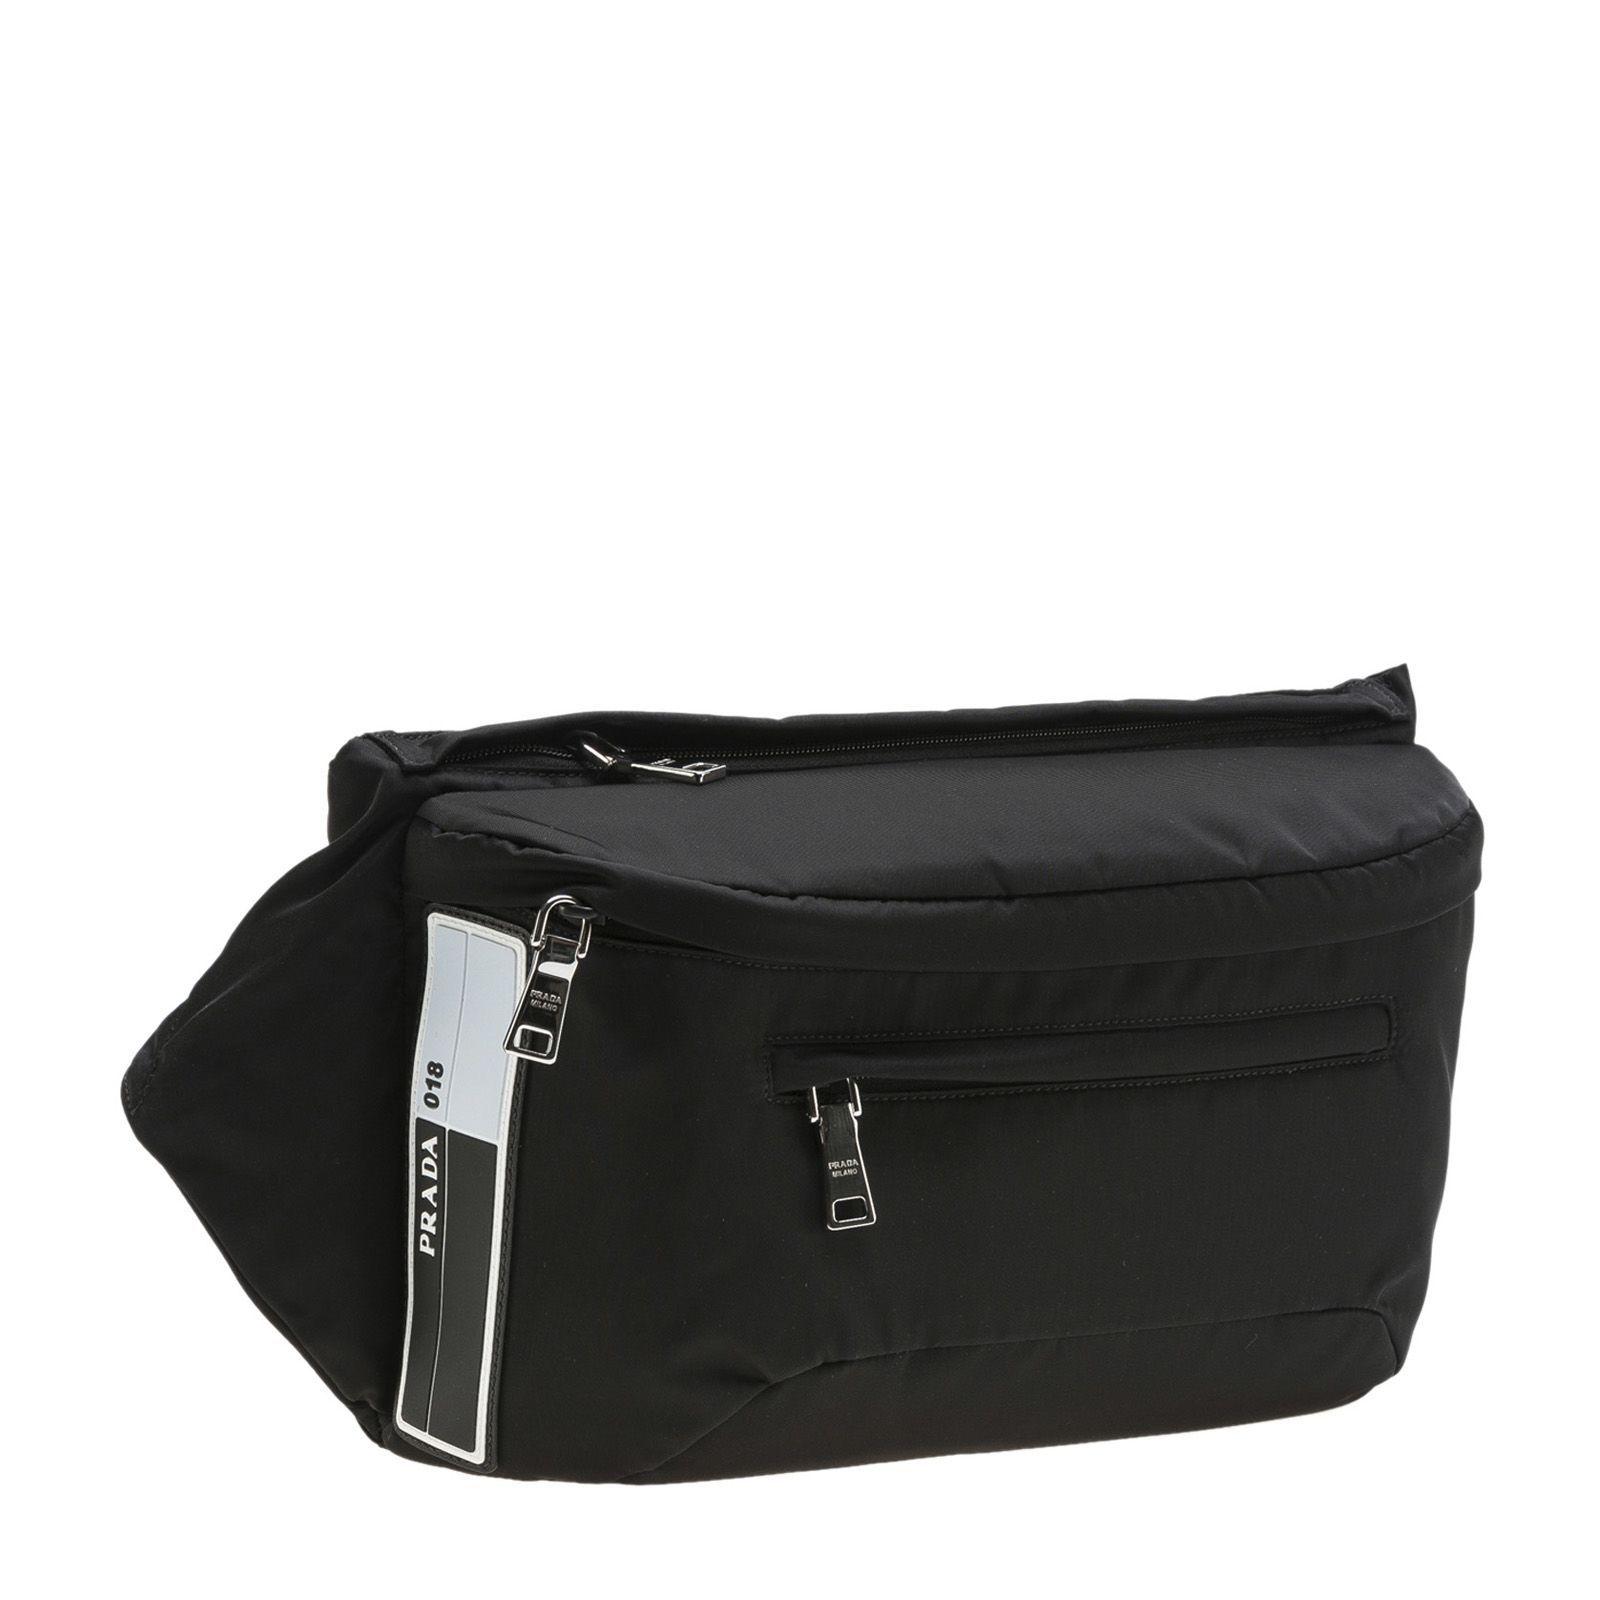 35aff4b4dda0 PRADA FANNY PACK.  prada  bags  belt bags  nylon